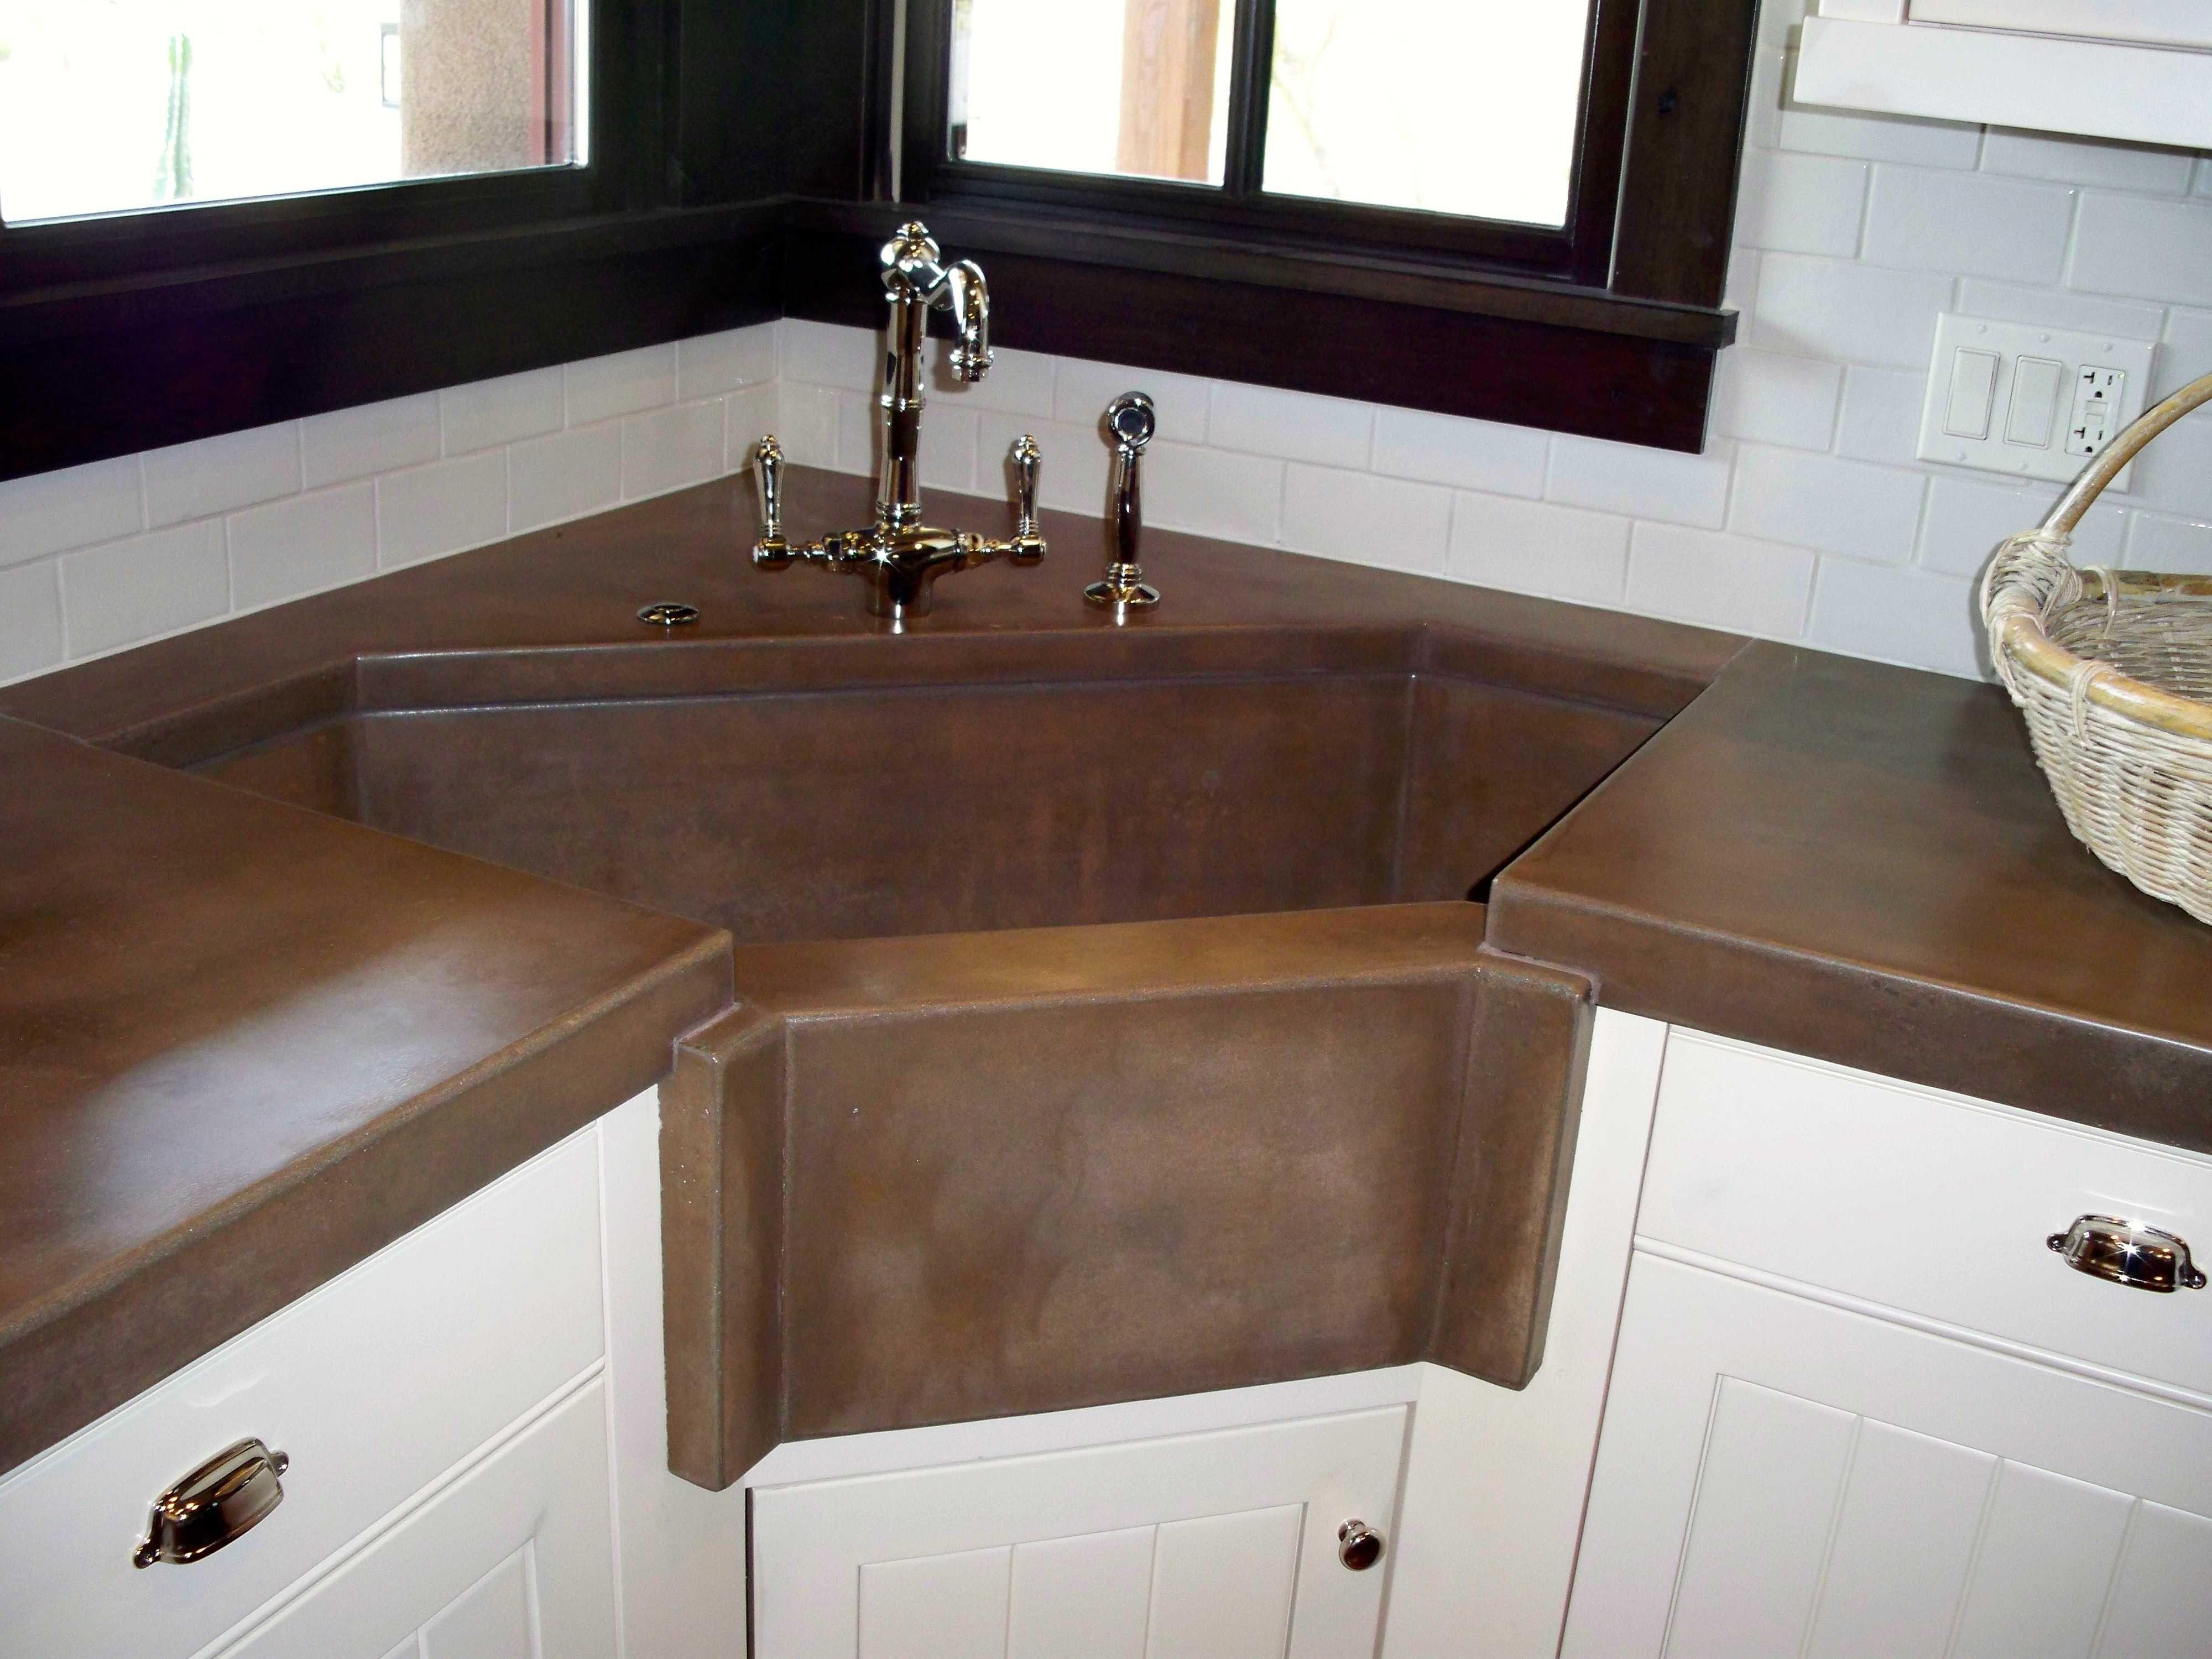 - Image Result For Corner Sink Kitchen Sink Design, Corner Sink